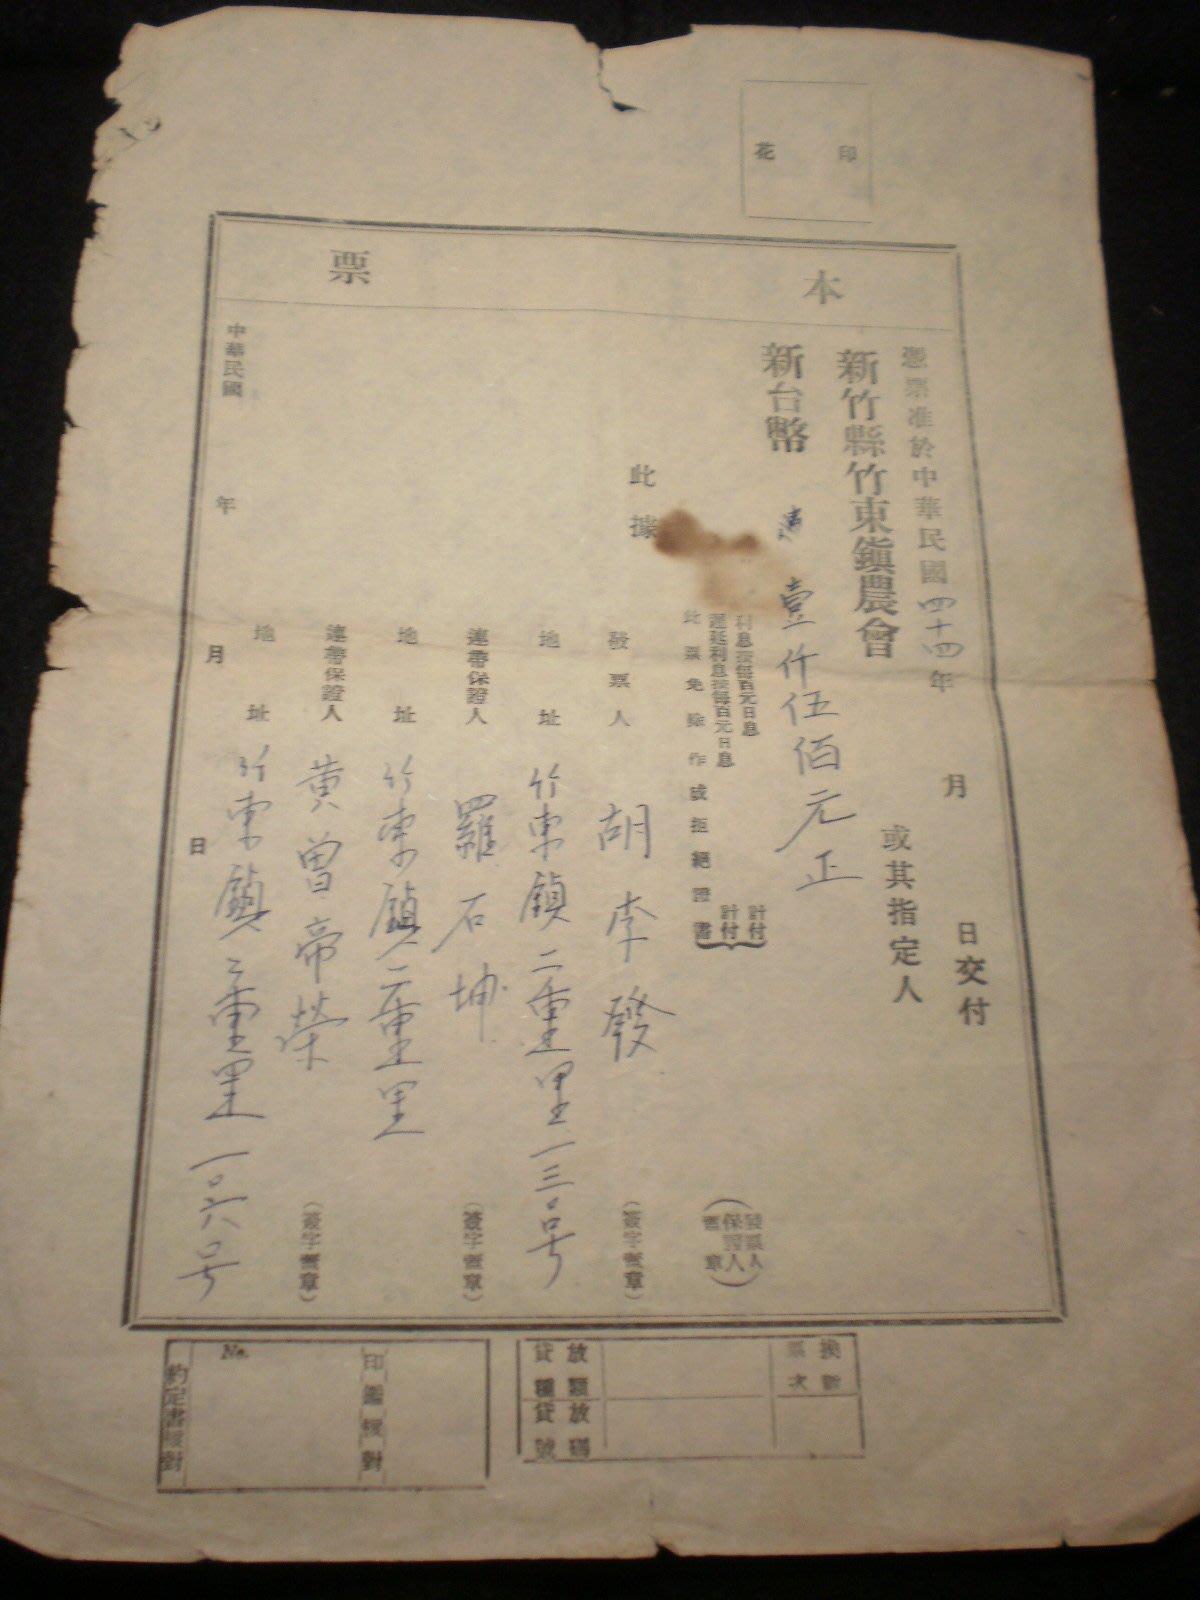 【四十四年新竹縣竹東鎮農會本票】庫464-1